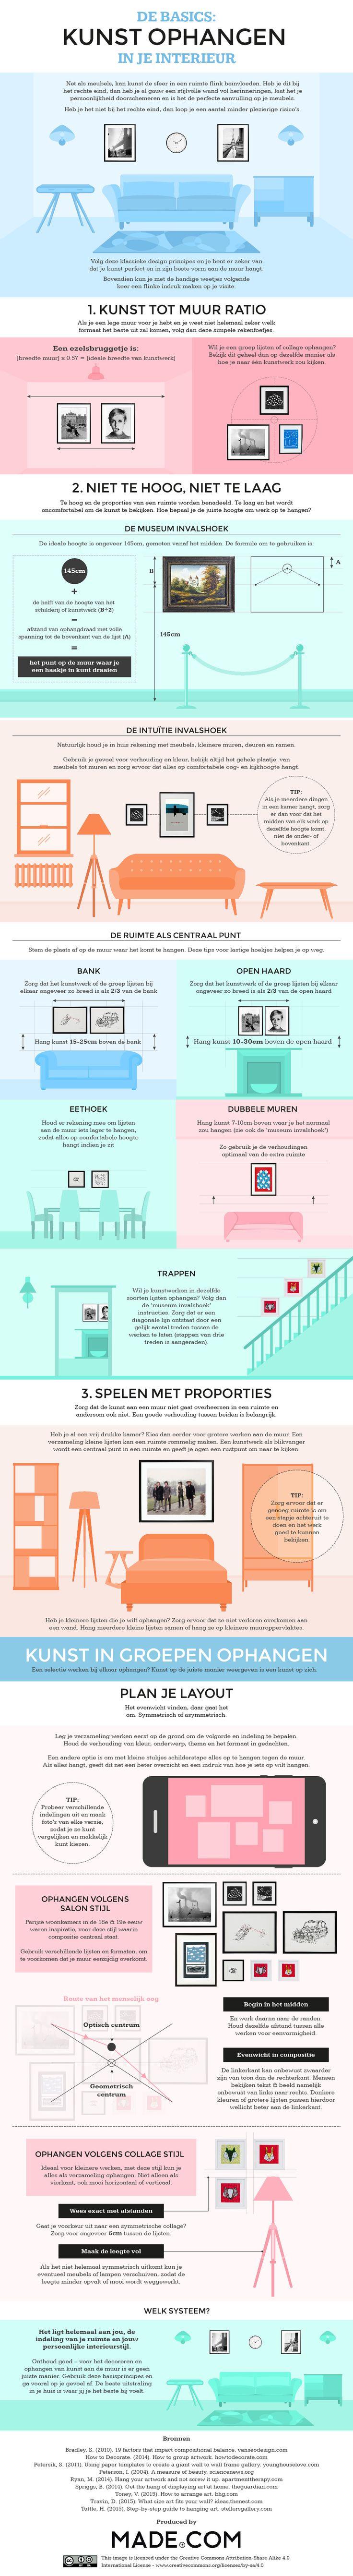 Infographic: de basics van kunst ophangen in je interieur   made.com